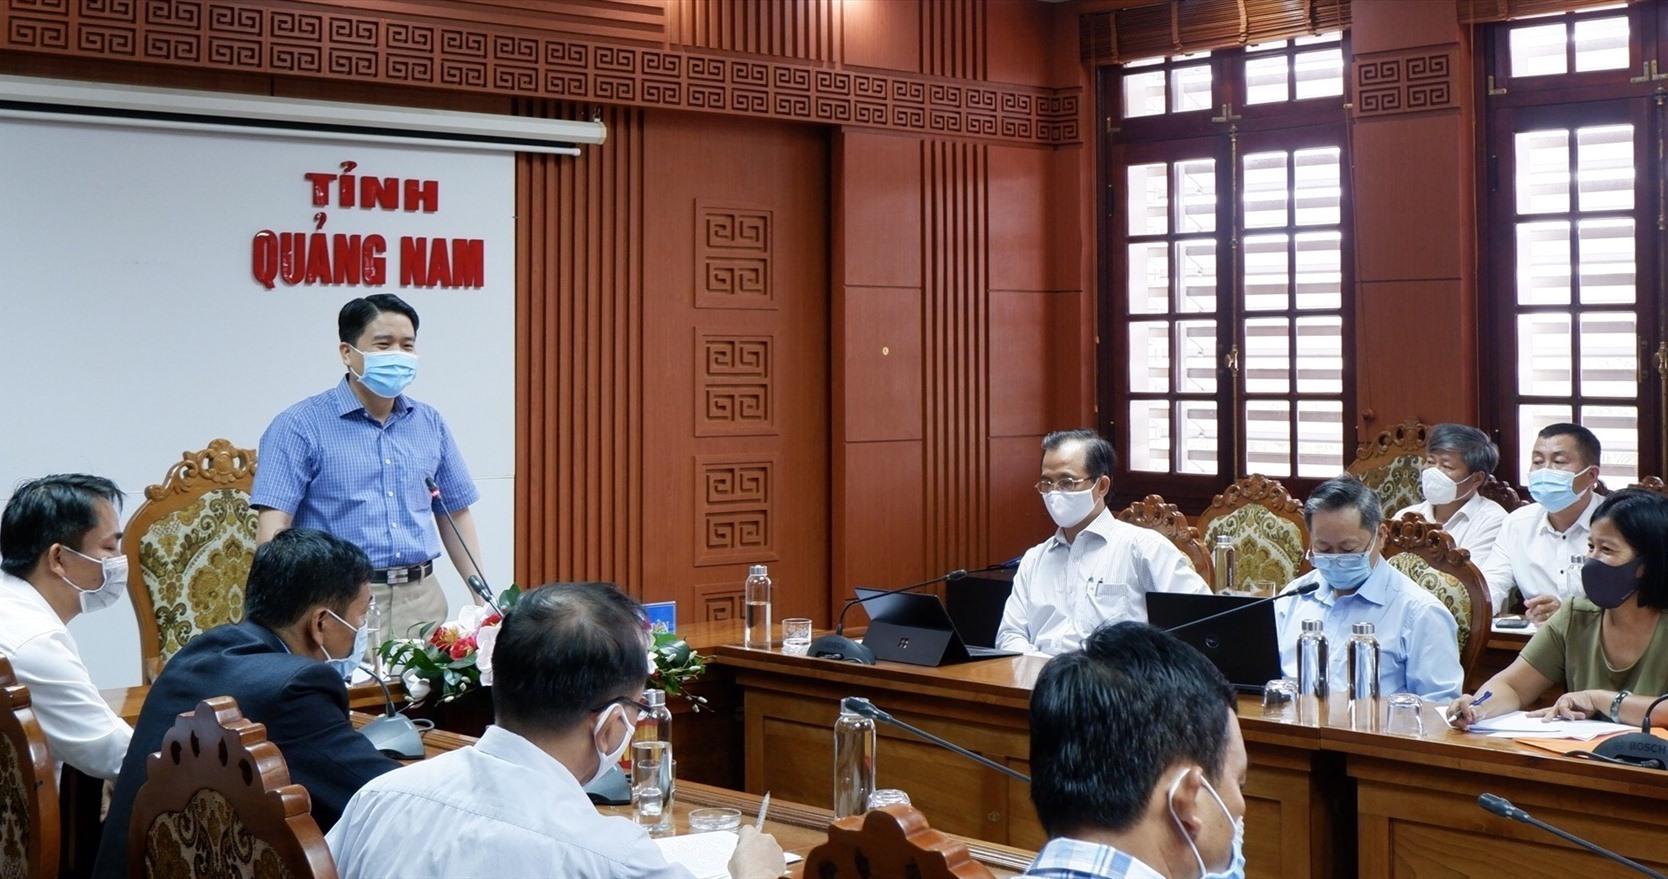 Phó Chủ tịch UBND tỉnh Trần Văn Tân chủ trì cuộc làm việc với các cơ sở y tế ngoài công lập về hoạt động phòng chống dịch Covid-19. Ảnh: X.H